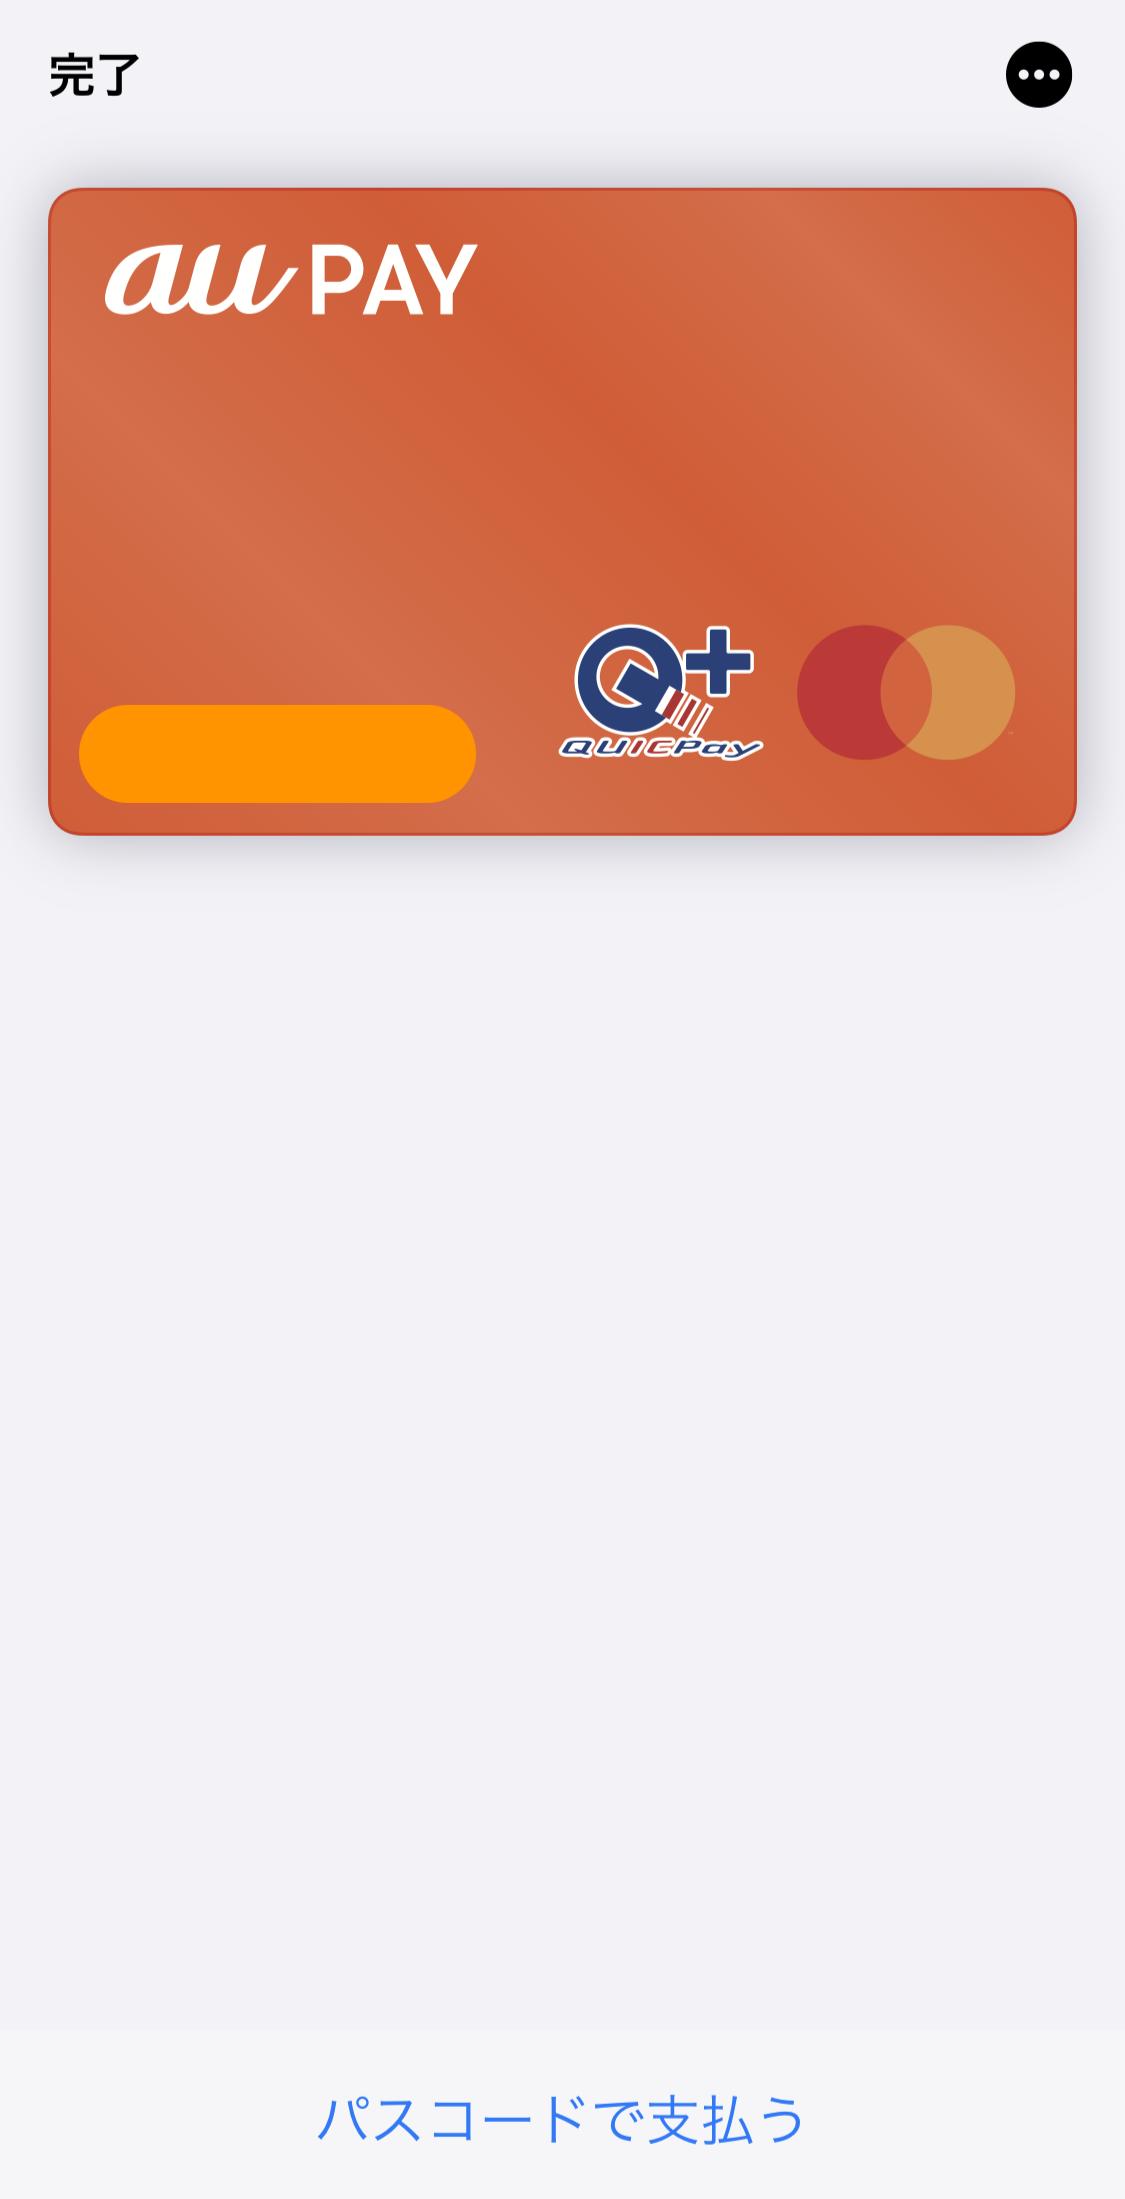 au pay iPhoneで支払い画面(パスコードで支払う)